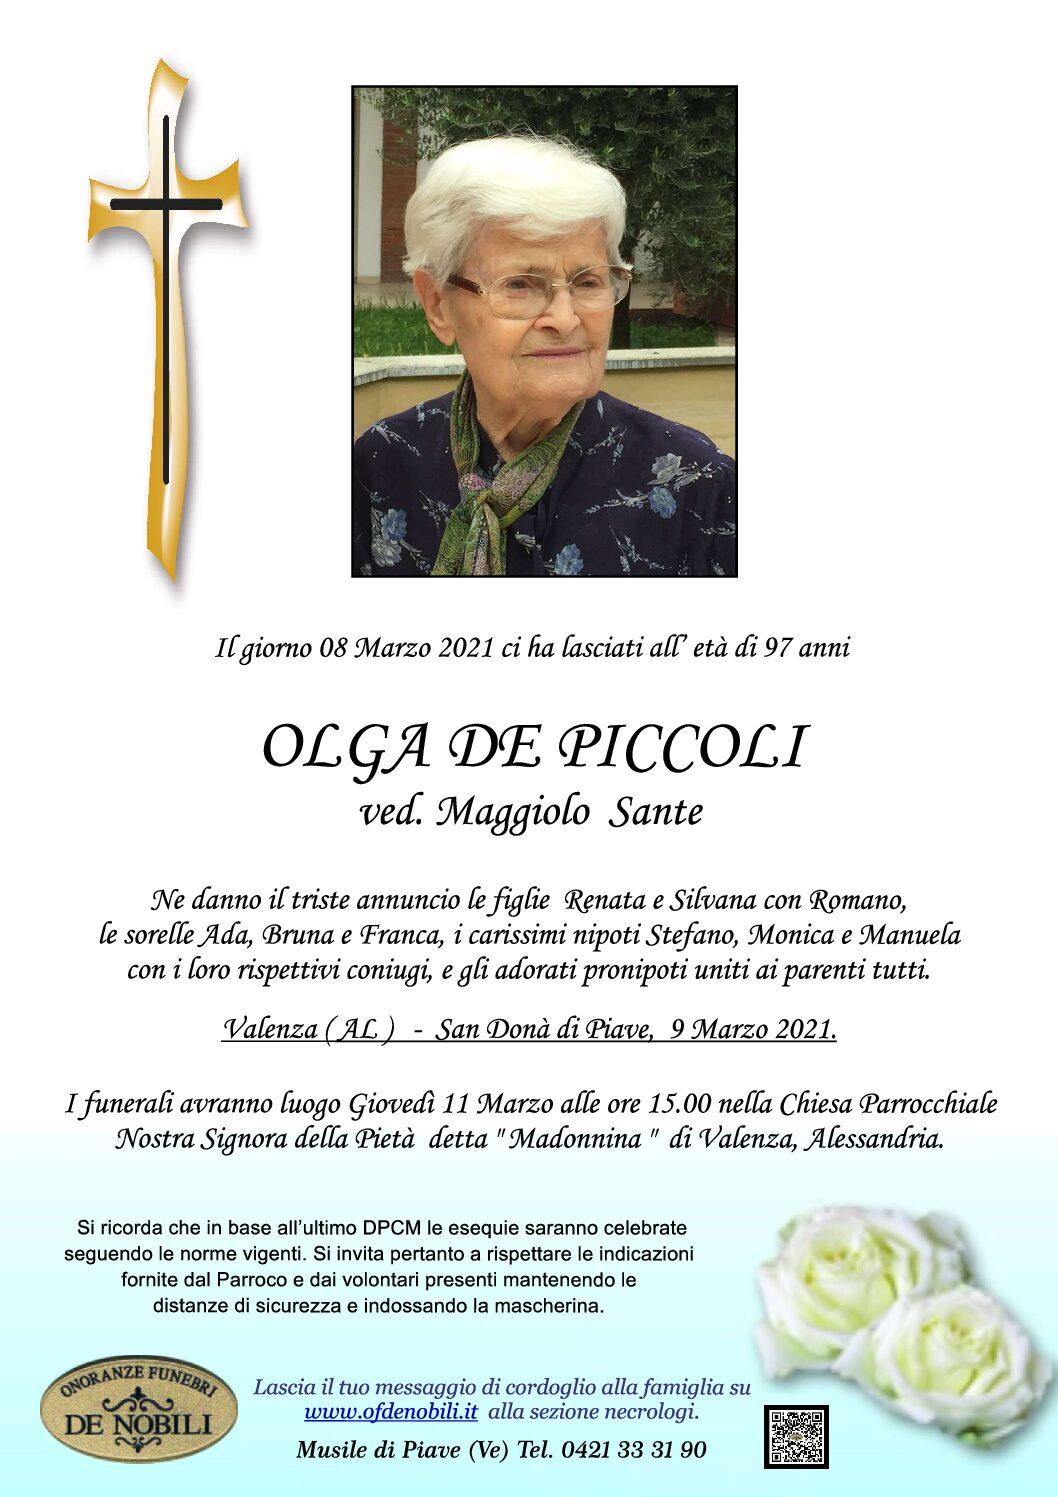 OLGA DE PICCOLI